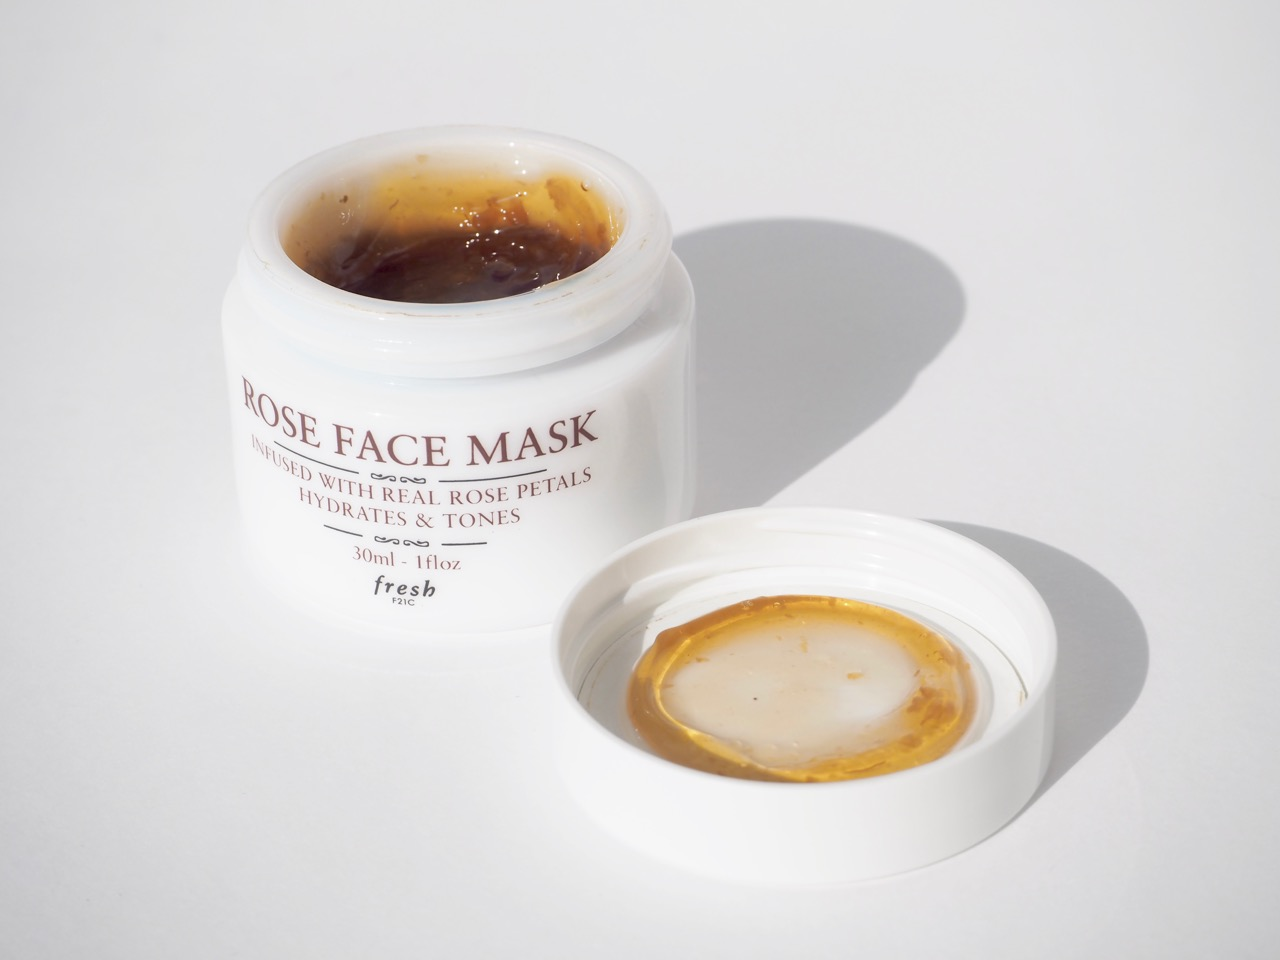 Fresh Rose Face Mask ruusunaamio kokemuksia Ostolakossa Virve Vee